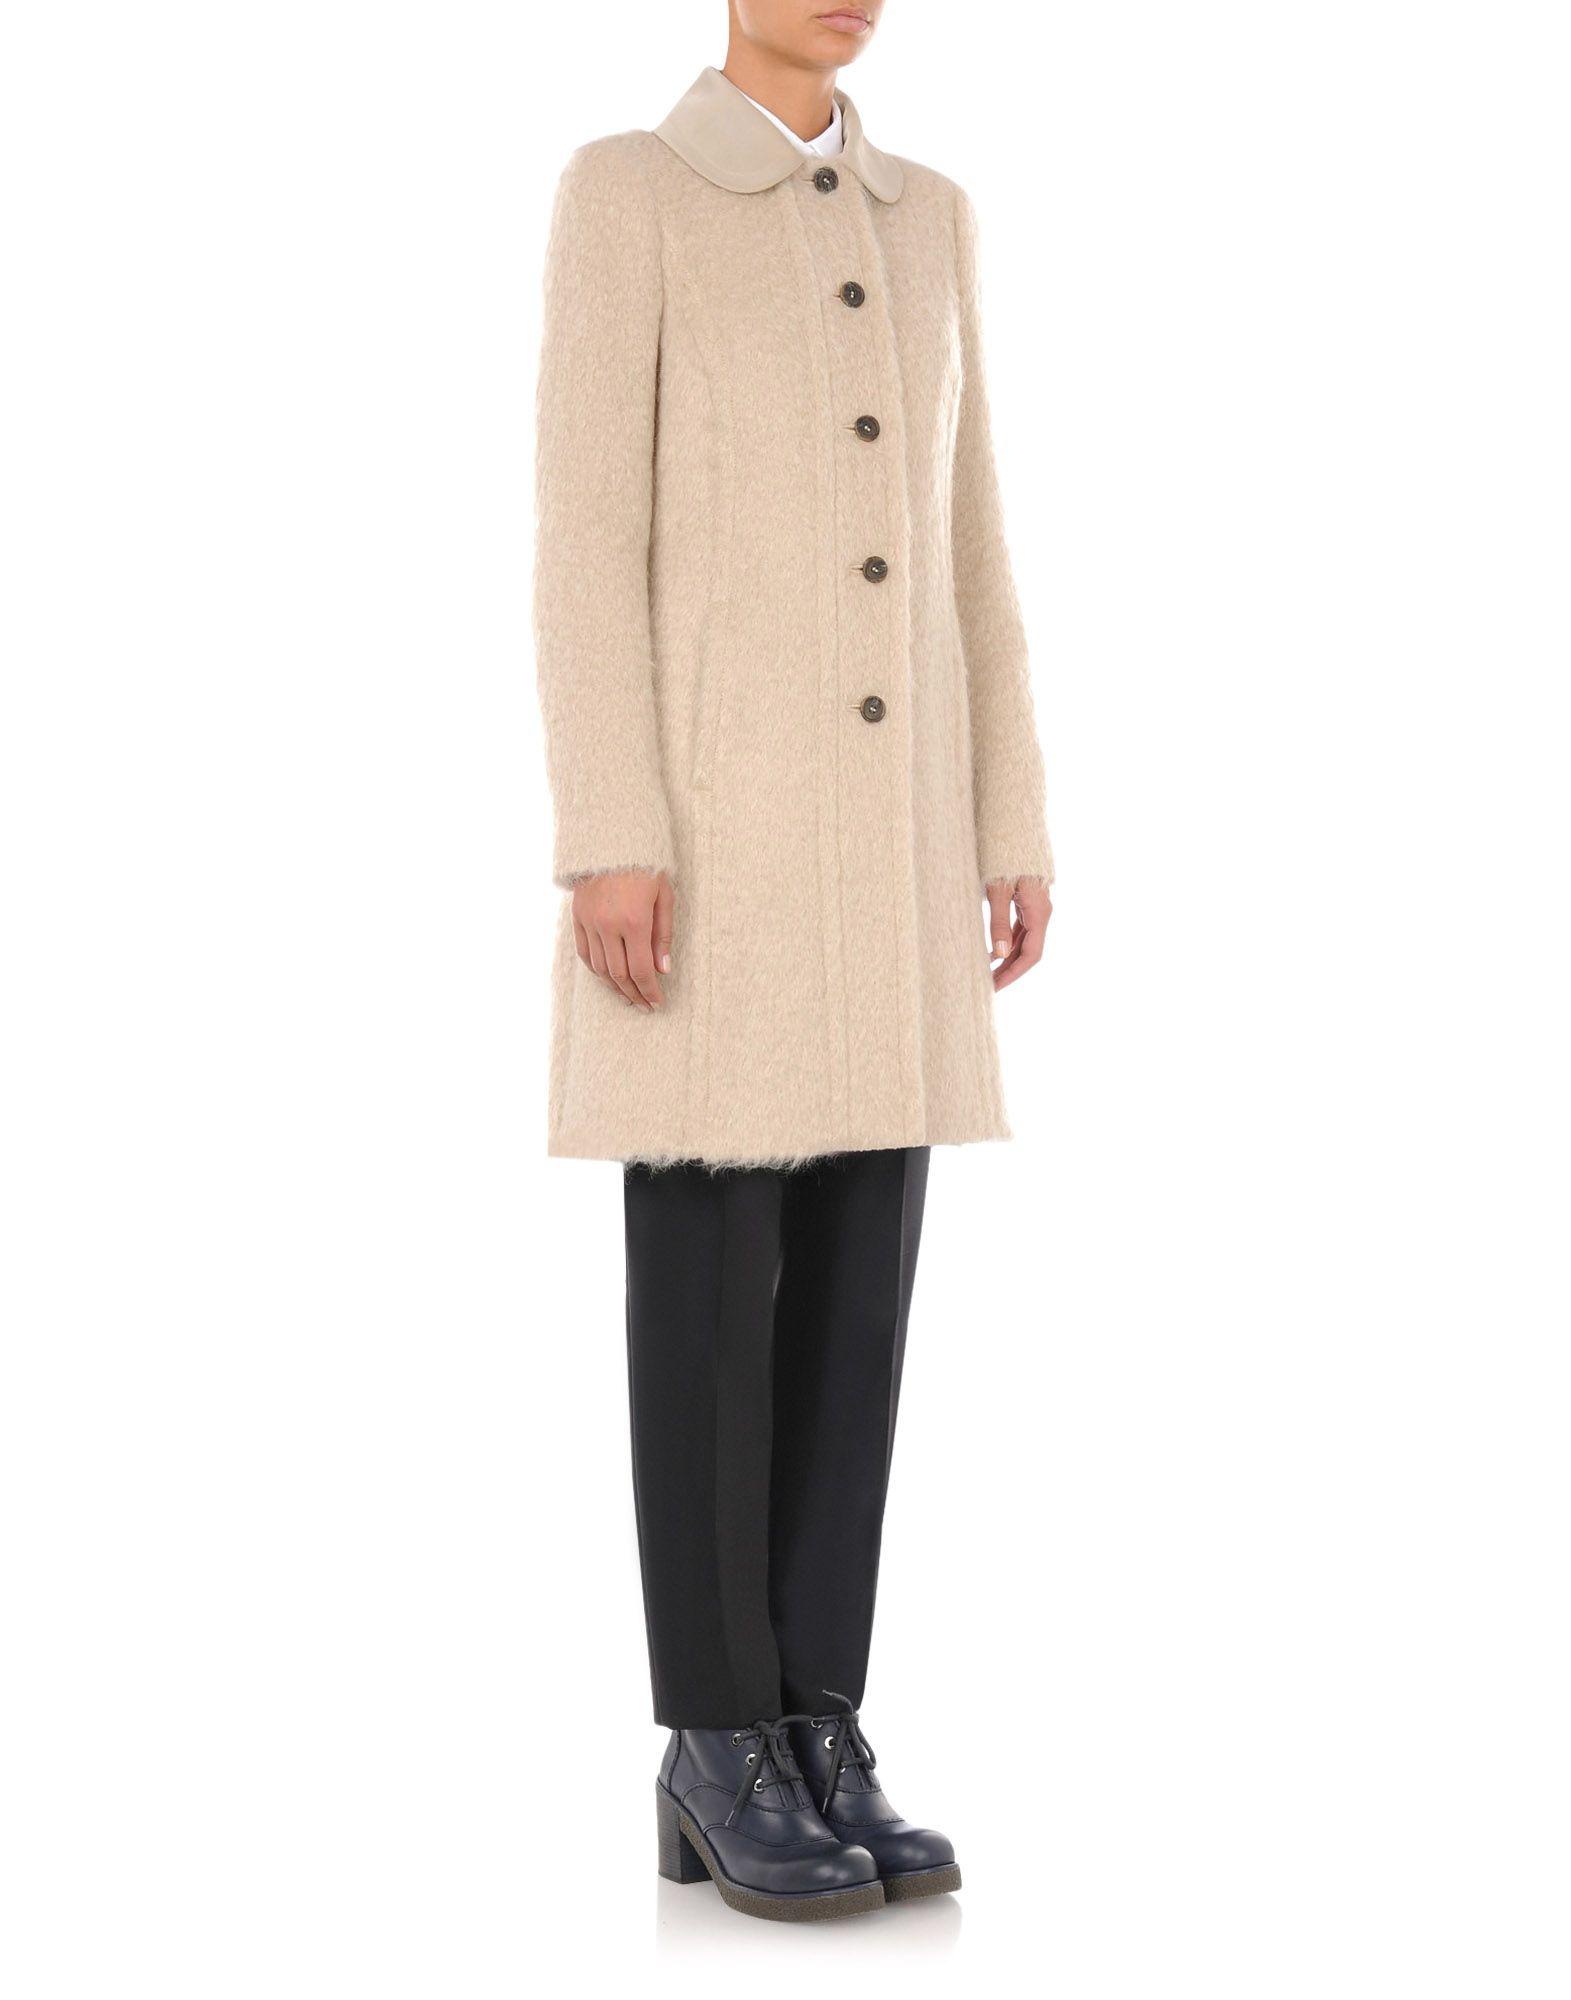 Coat Women Coats Women On Jil Sander Online Store